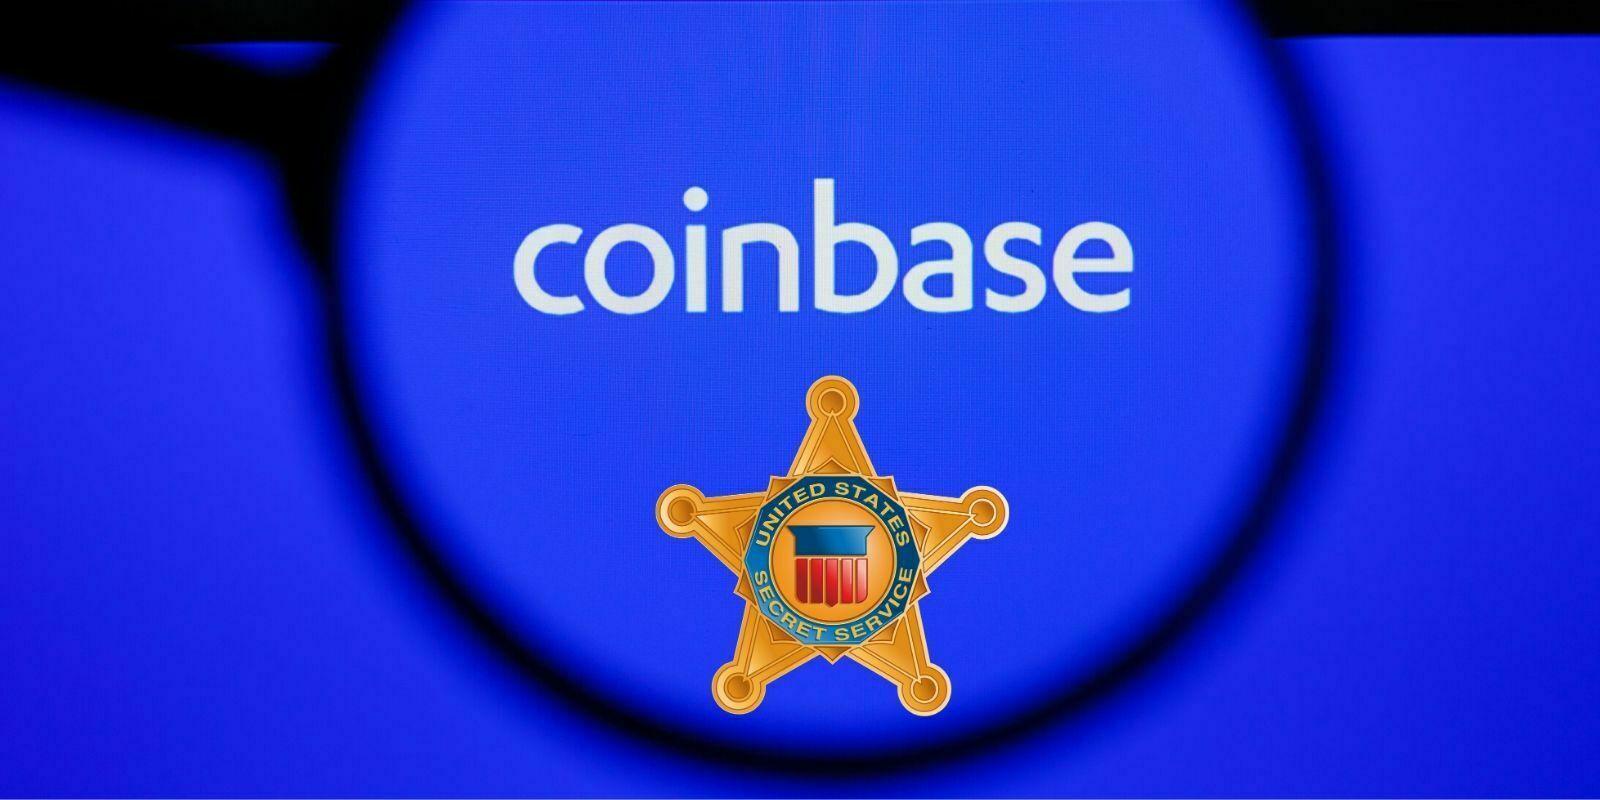 Coinbase fournit son logiciel d'analyse des blockchains au Secret Service américain